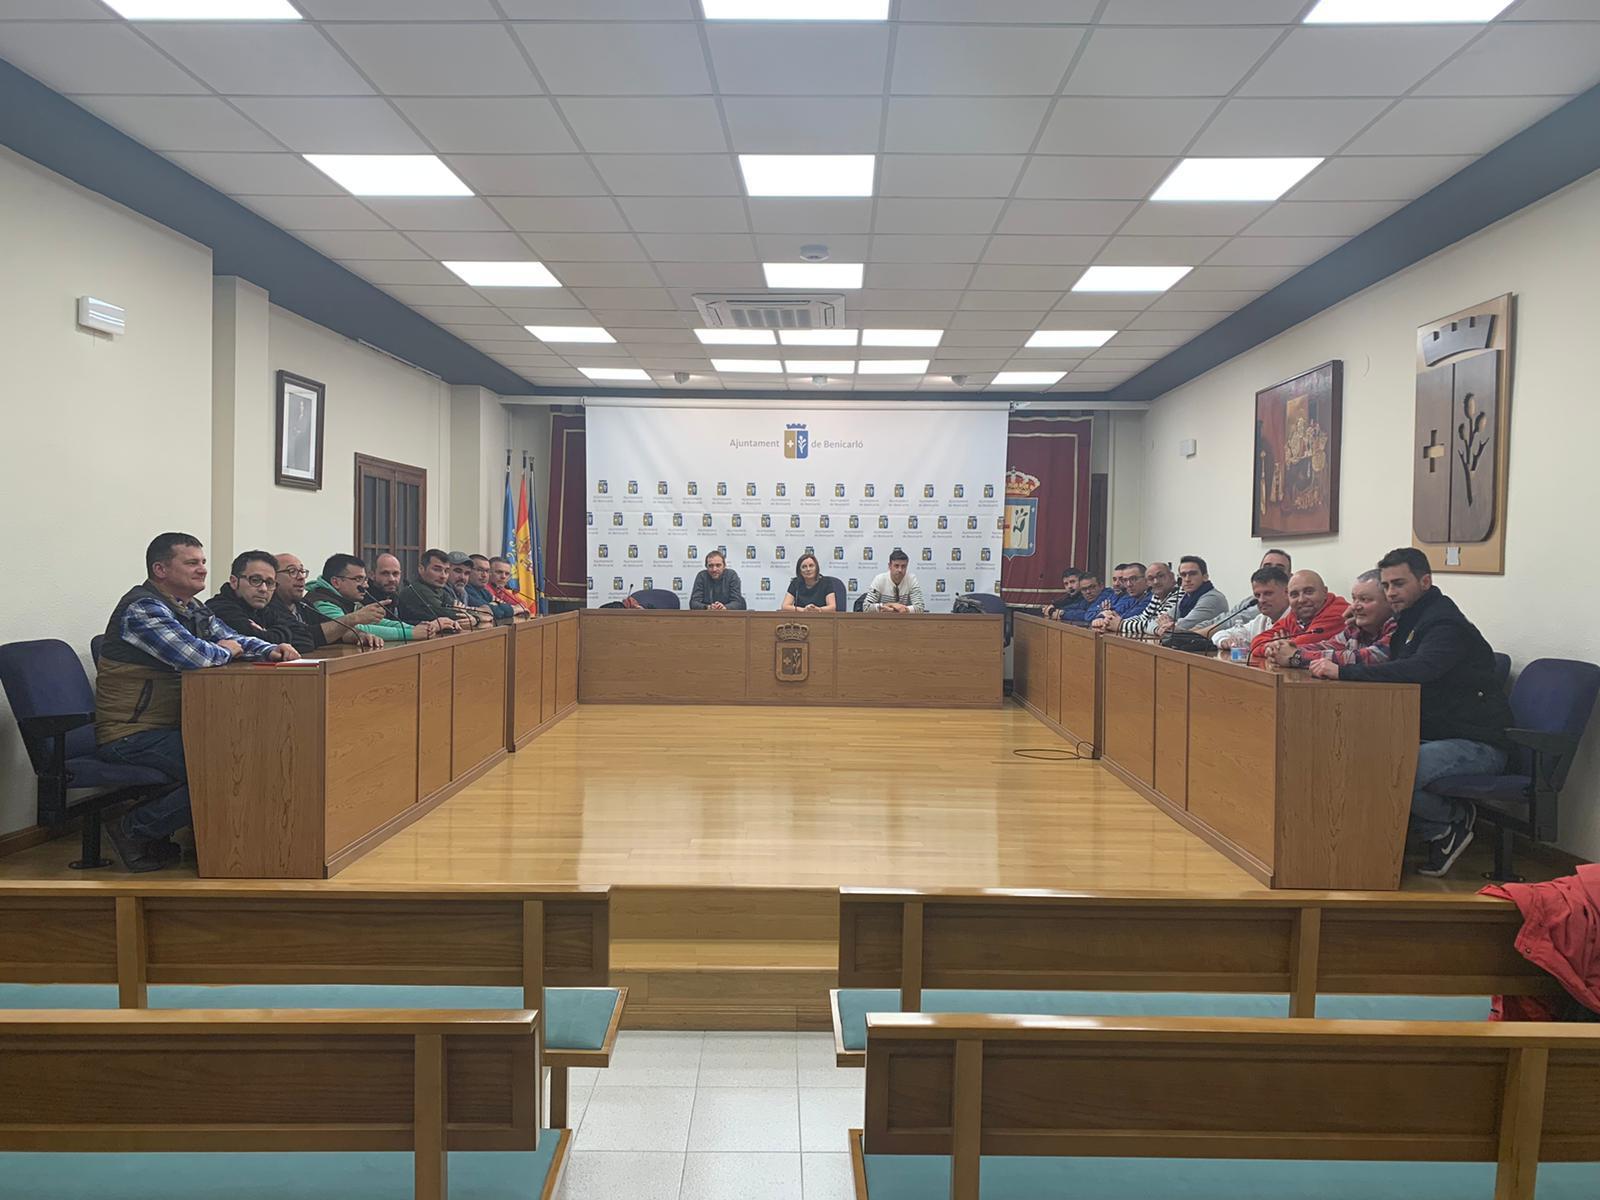 Les Falles de Benicarló adopten les primeres mesures després de la decisió d'ajornar-les